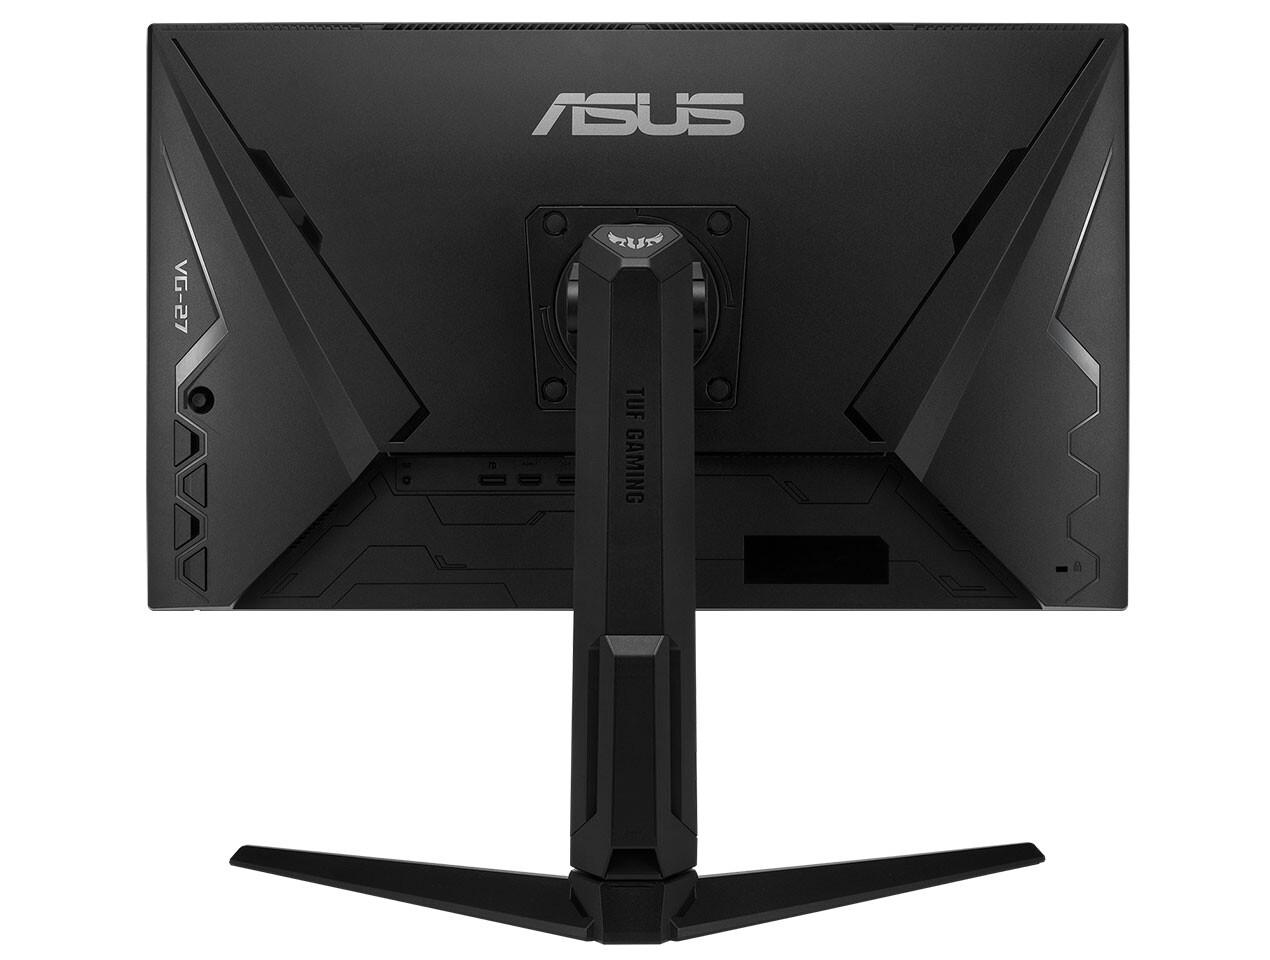 Представлен игровой монитор Asus TUF Gaming VG279QL1A с частотой обновления 165 Гц